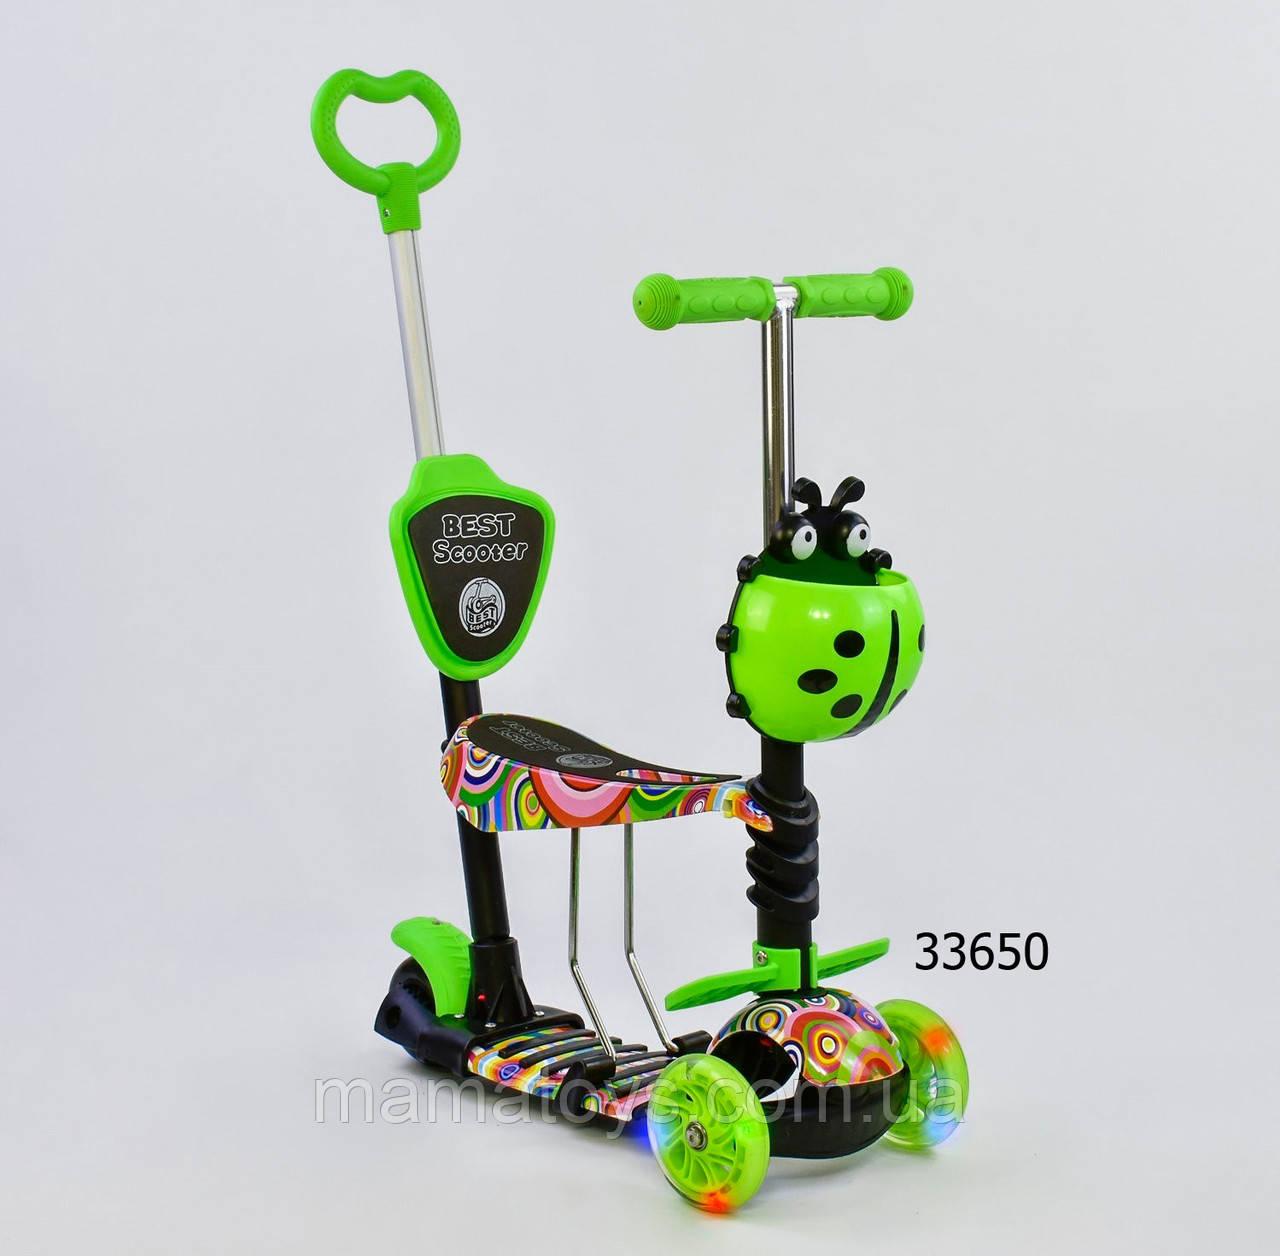 Детский Самокат 33650 беговел Best Scooter  Зеленый 5 в 1 Родительская ручка, Свет колес